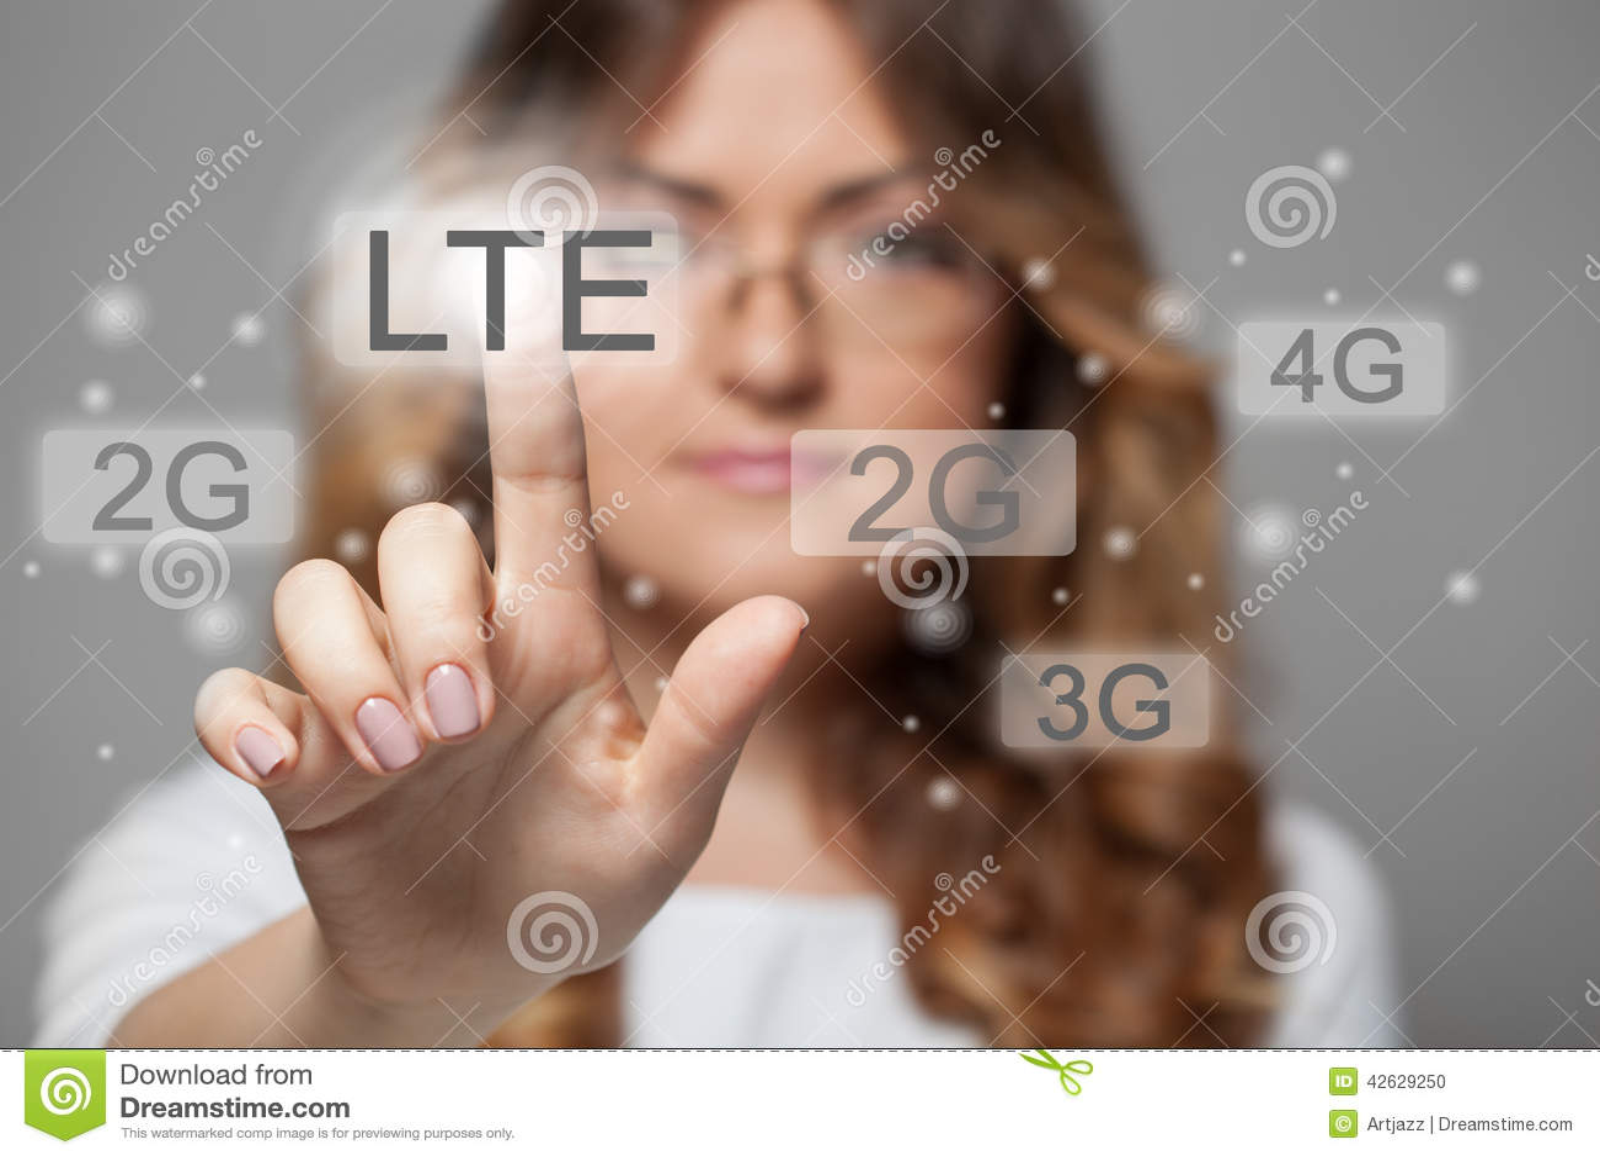 按LTE触摸屏幕按钮的妇女